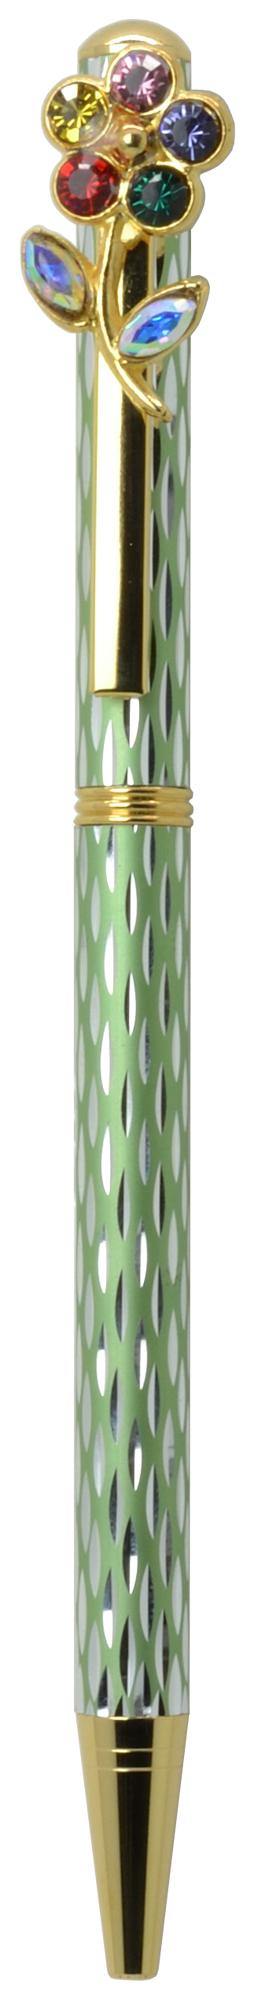 スワロフスキークリスタルボールペン カラフルフラワー グリーン <br>No.65573